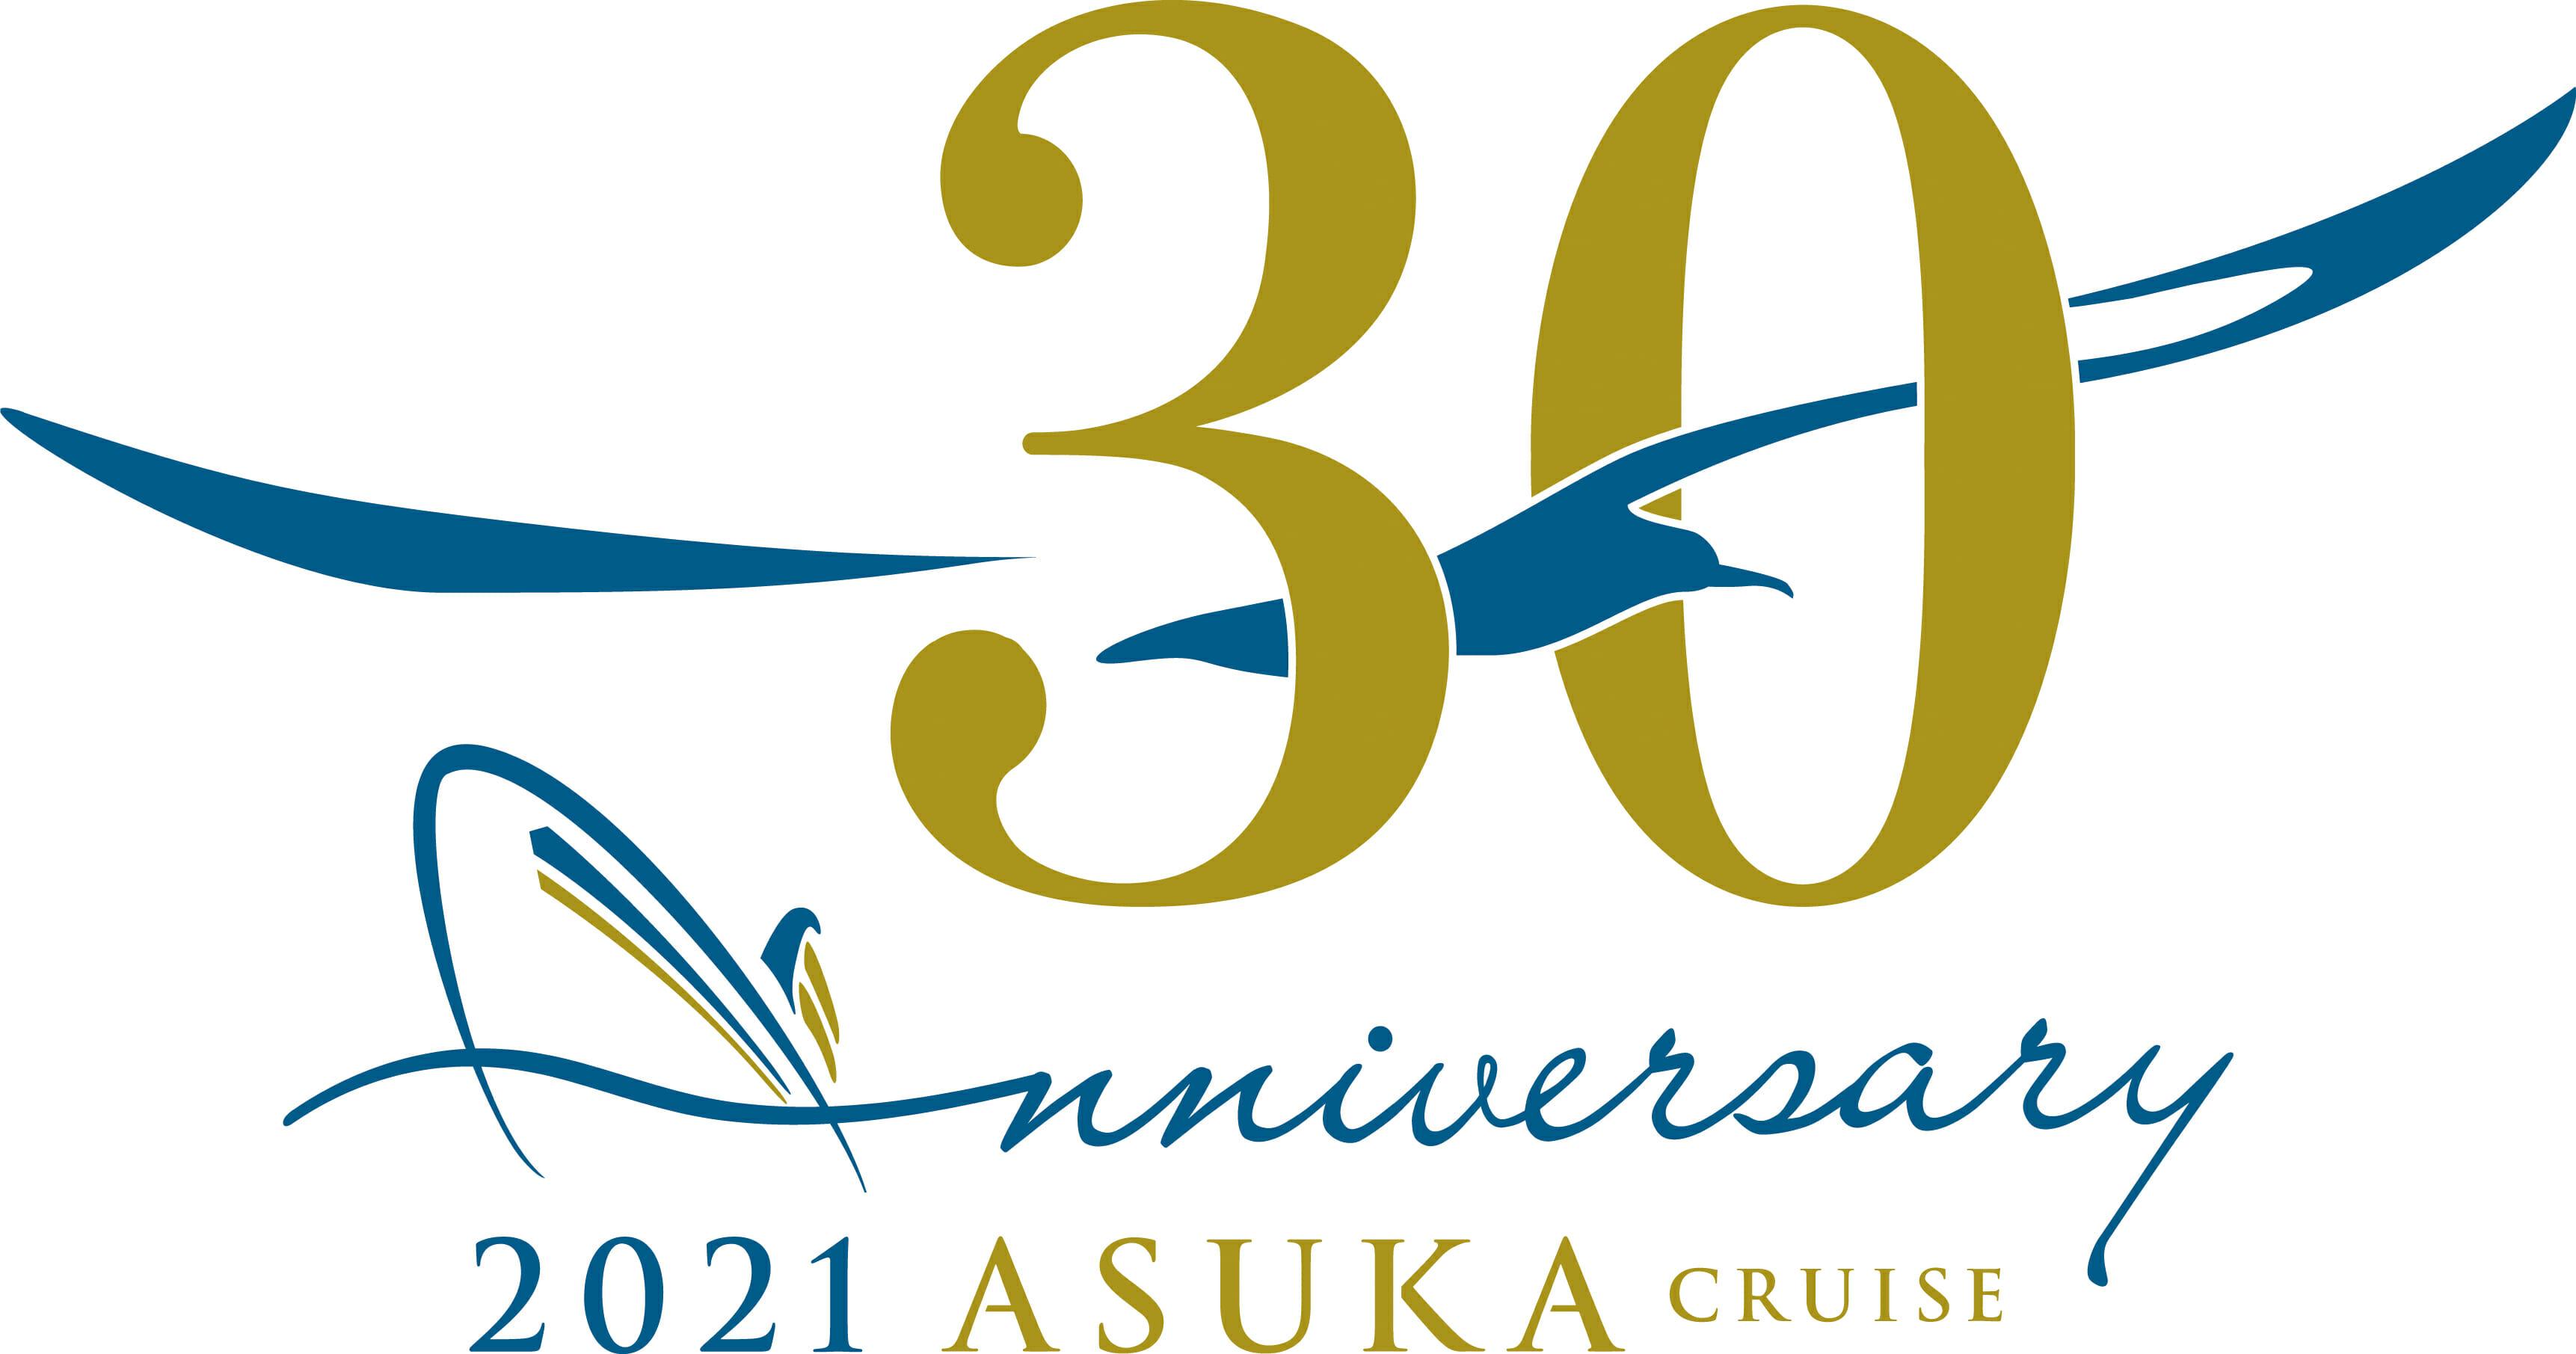 飛鳥クルーズ就航30周年記念<br> アニバーサリークルーズ